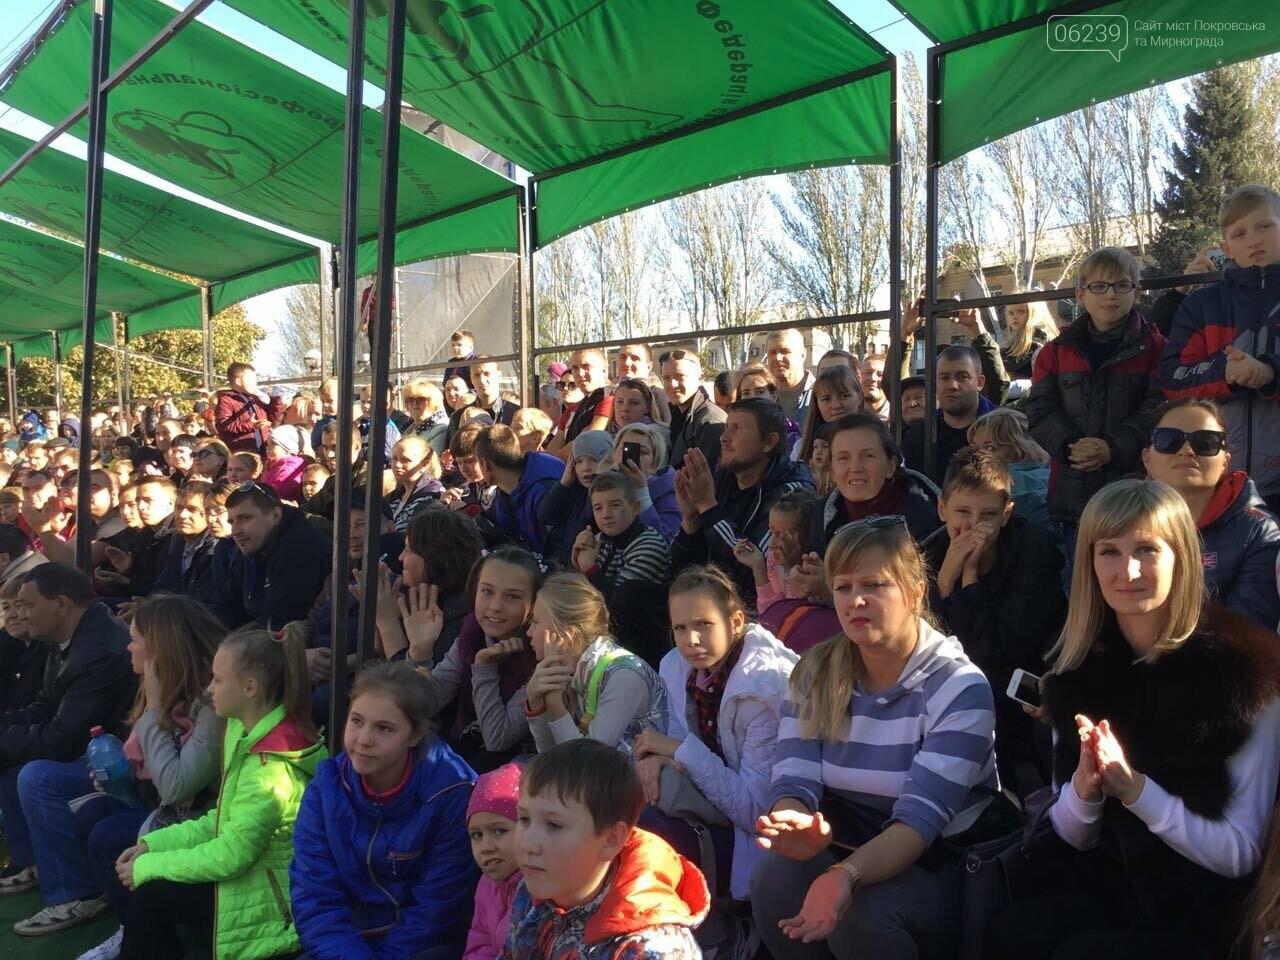 В Покровске на площади Шибанкова проходят соревнования лучших стронгменов страны, фото-1